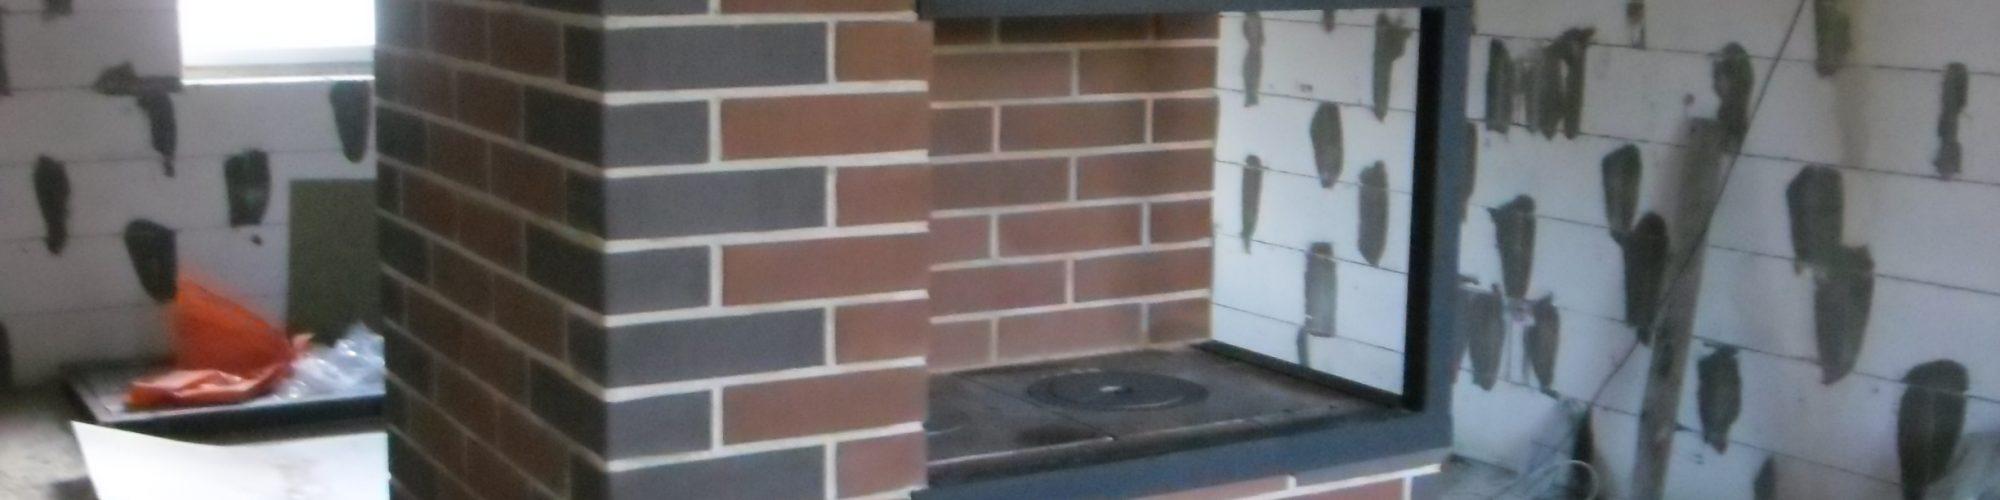 Ложная шведка с вентиляцией над плитой.